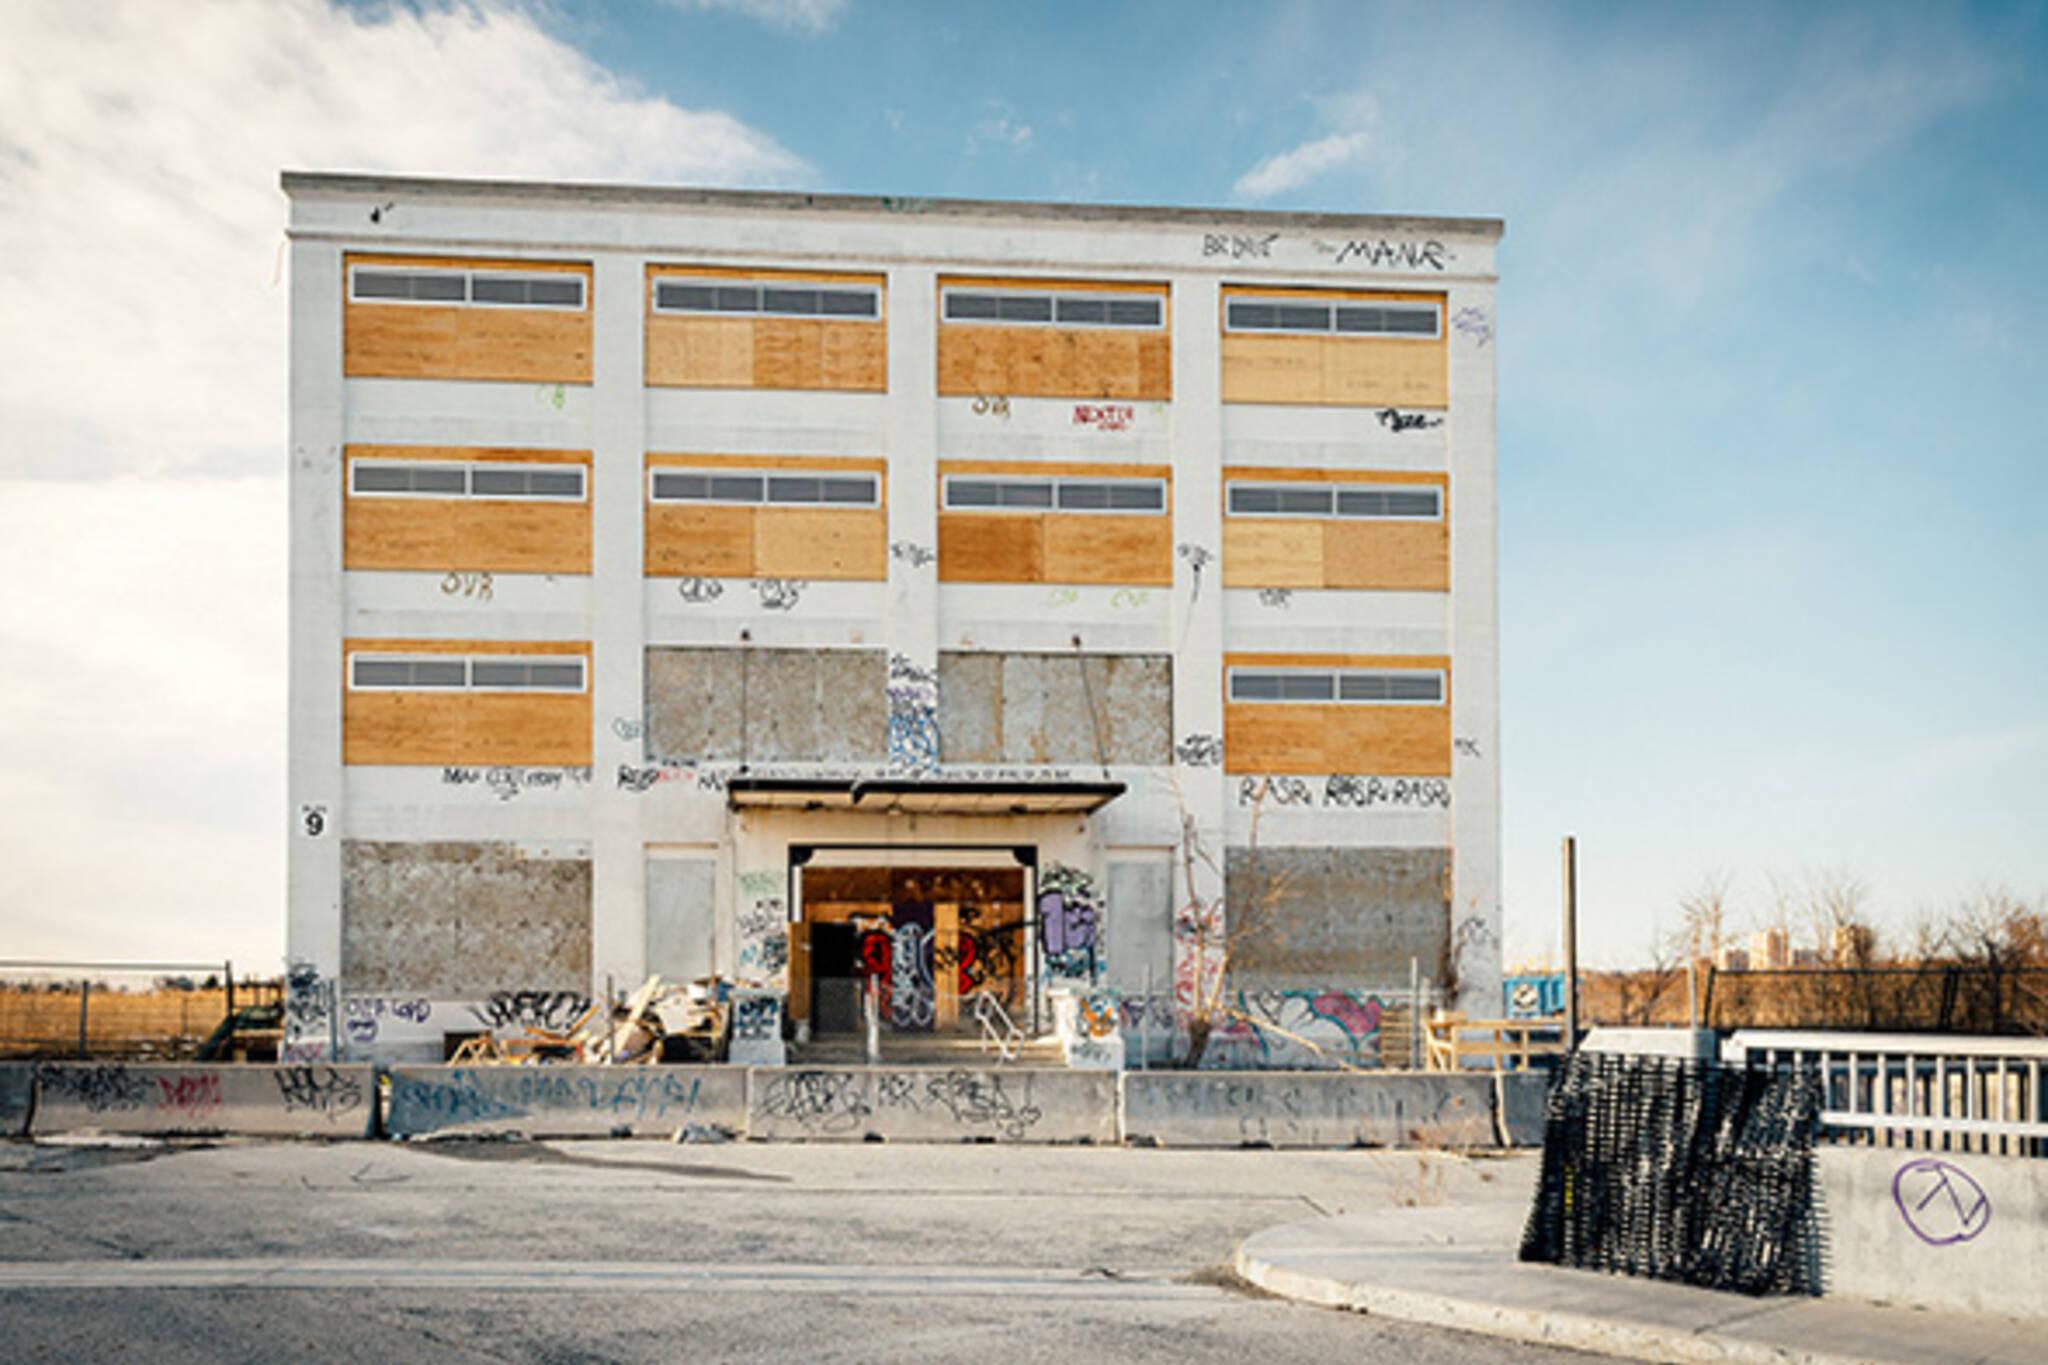 Kodak plant Toronto